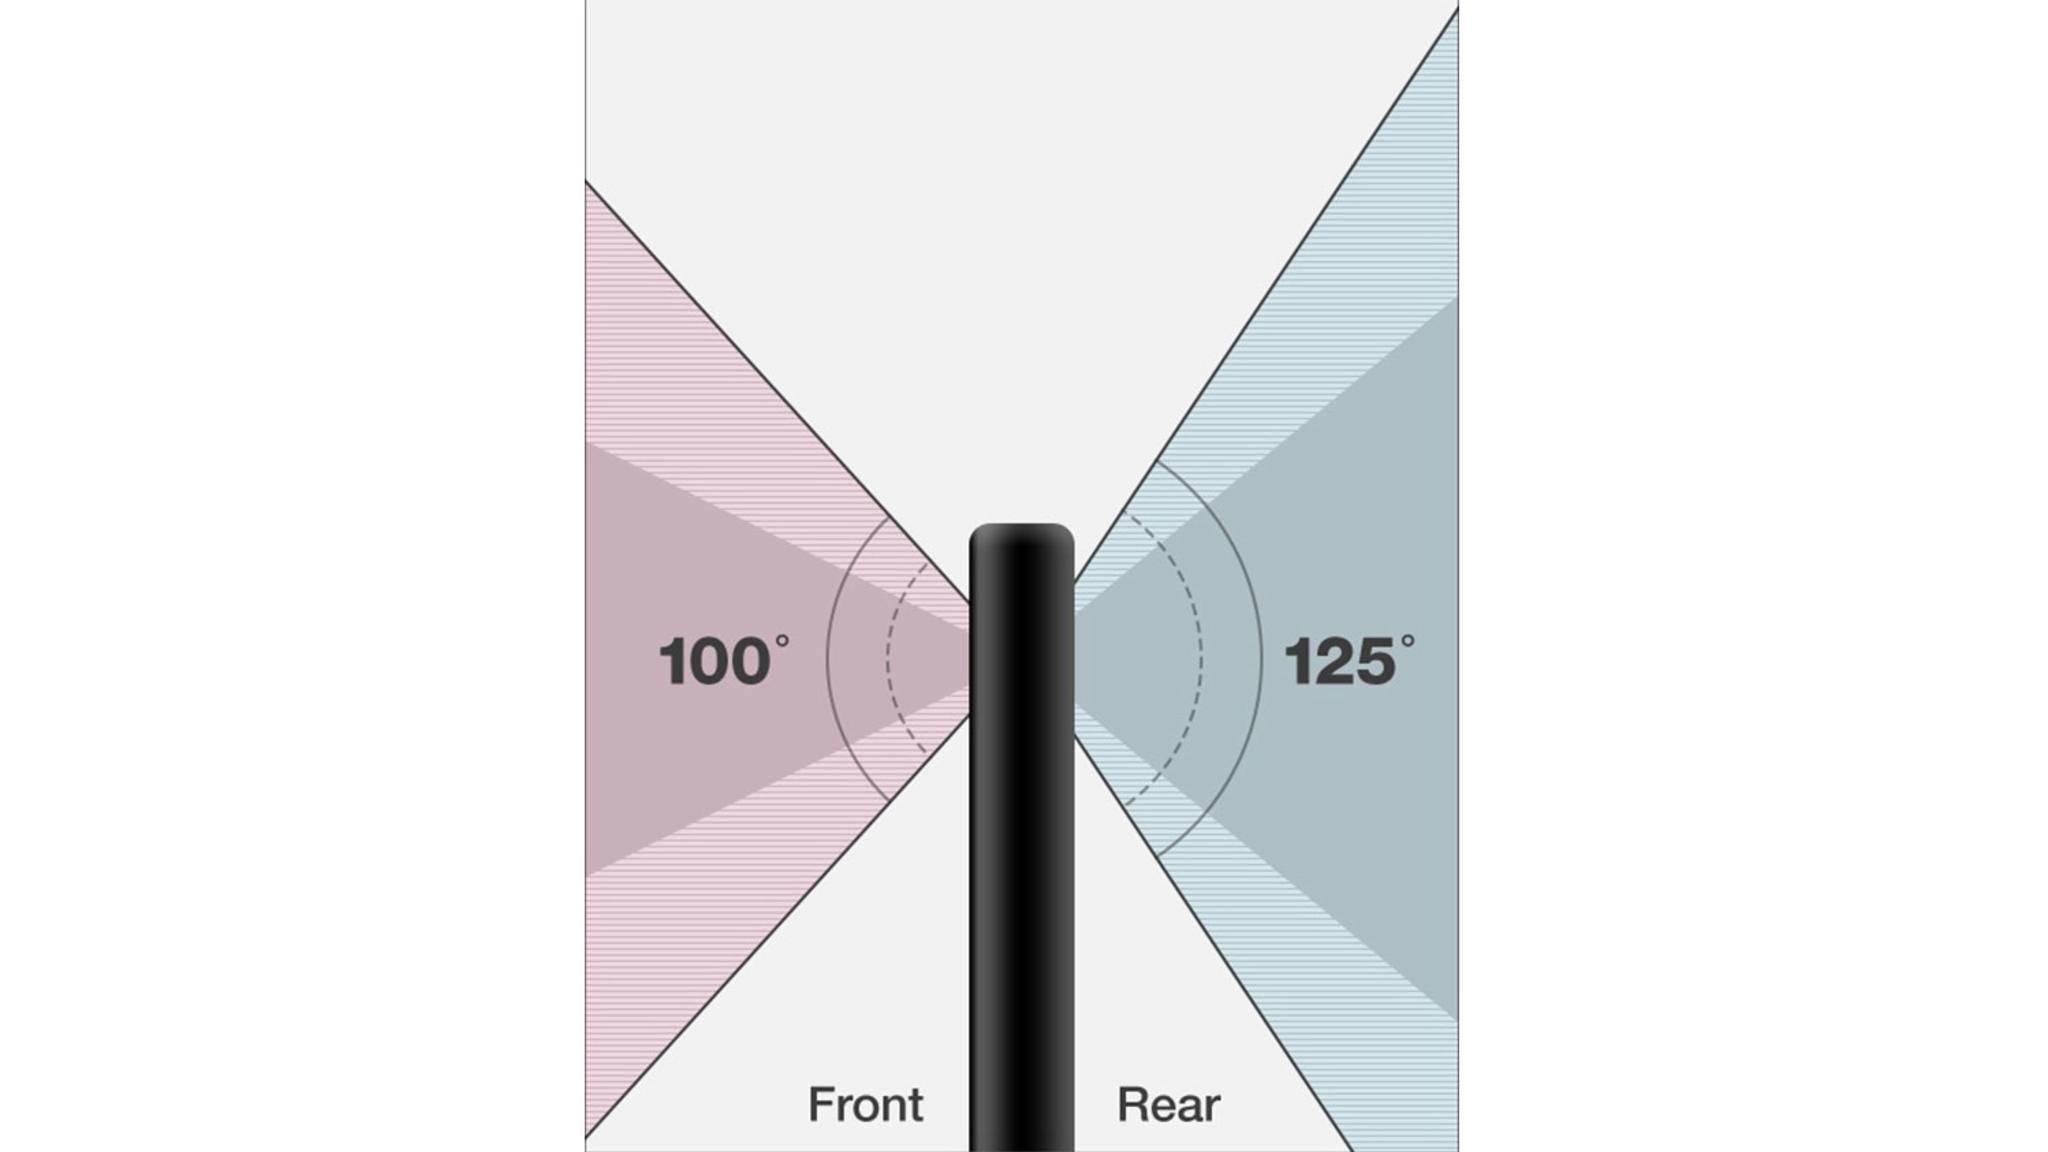 Das LG G6 wird mit zwei Kameras aufwarten, die einen breiten Sichtwinkel bieten.